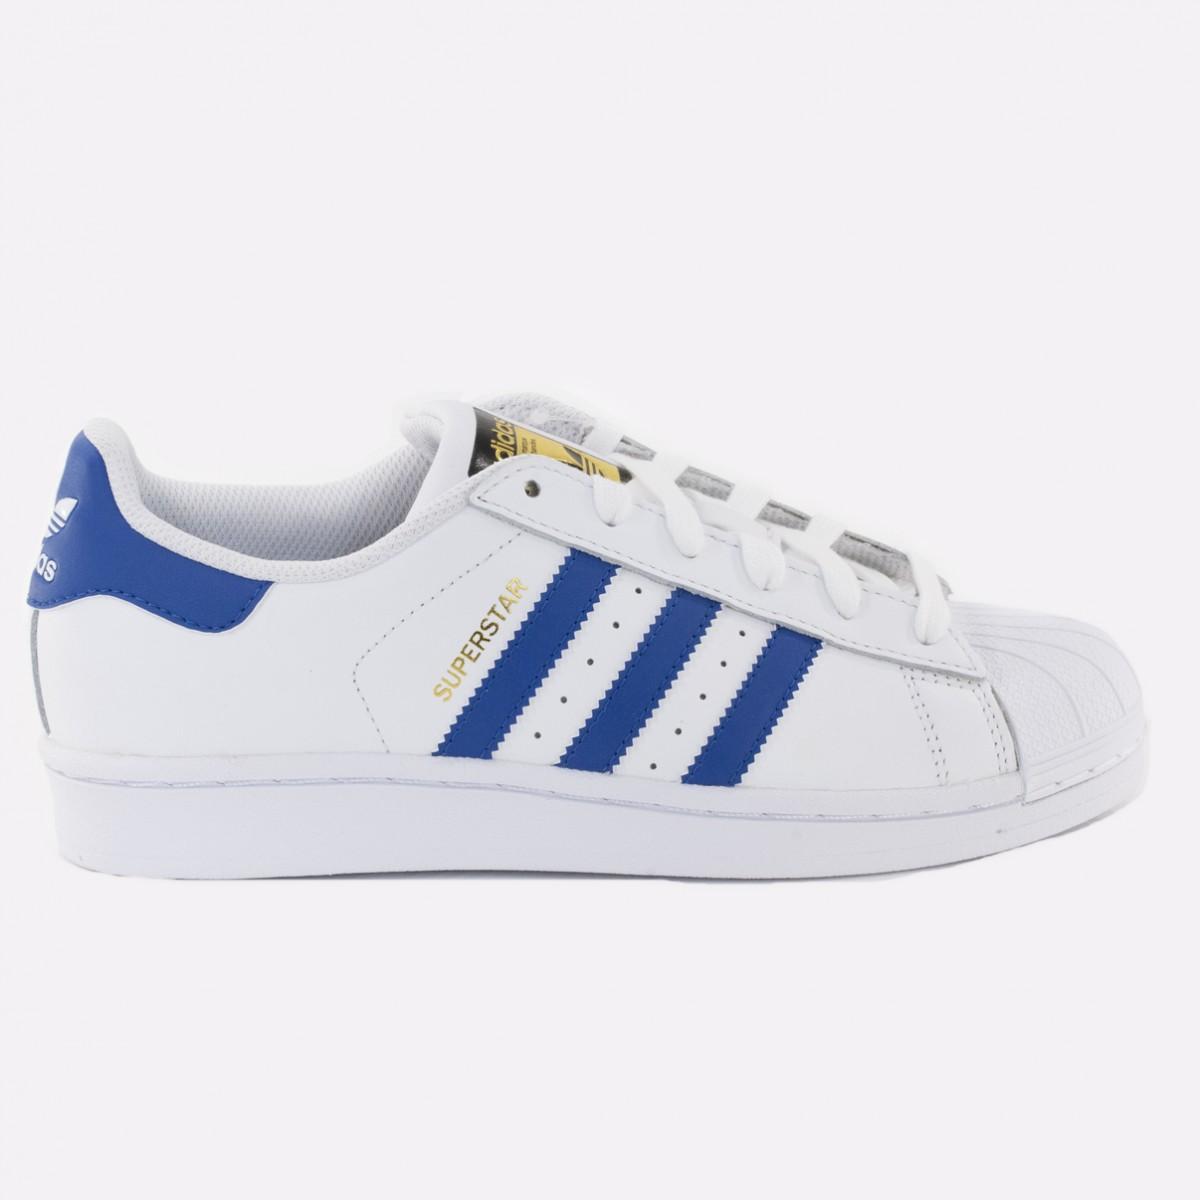 adidas light blue stripes